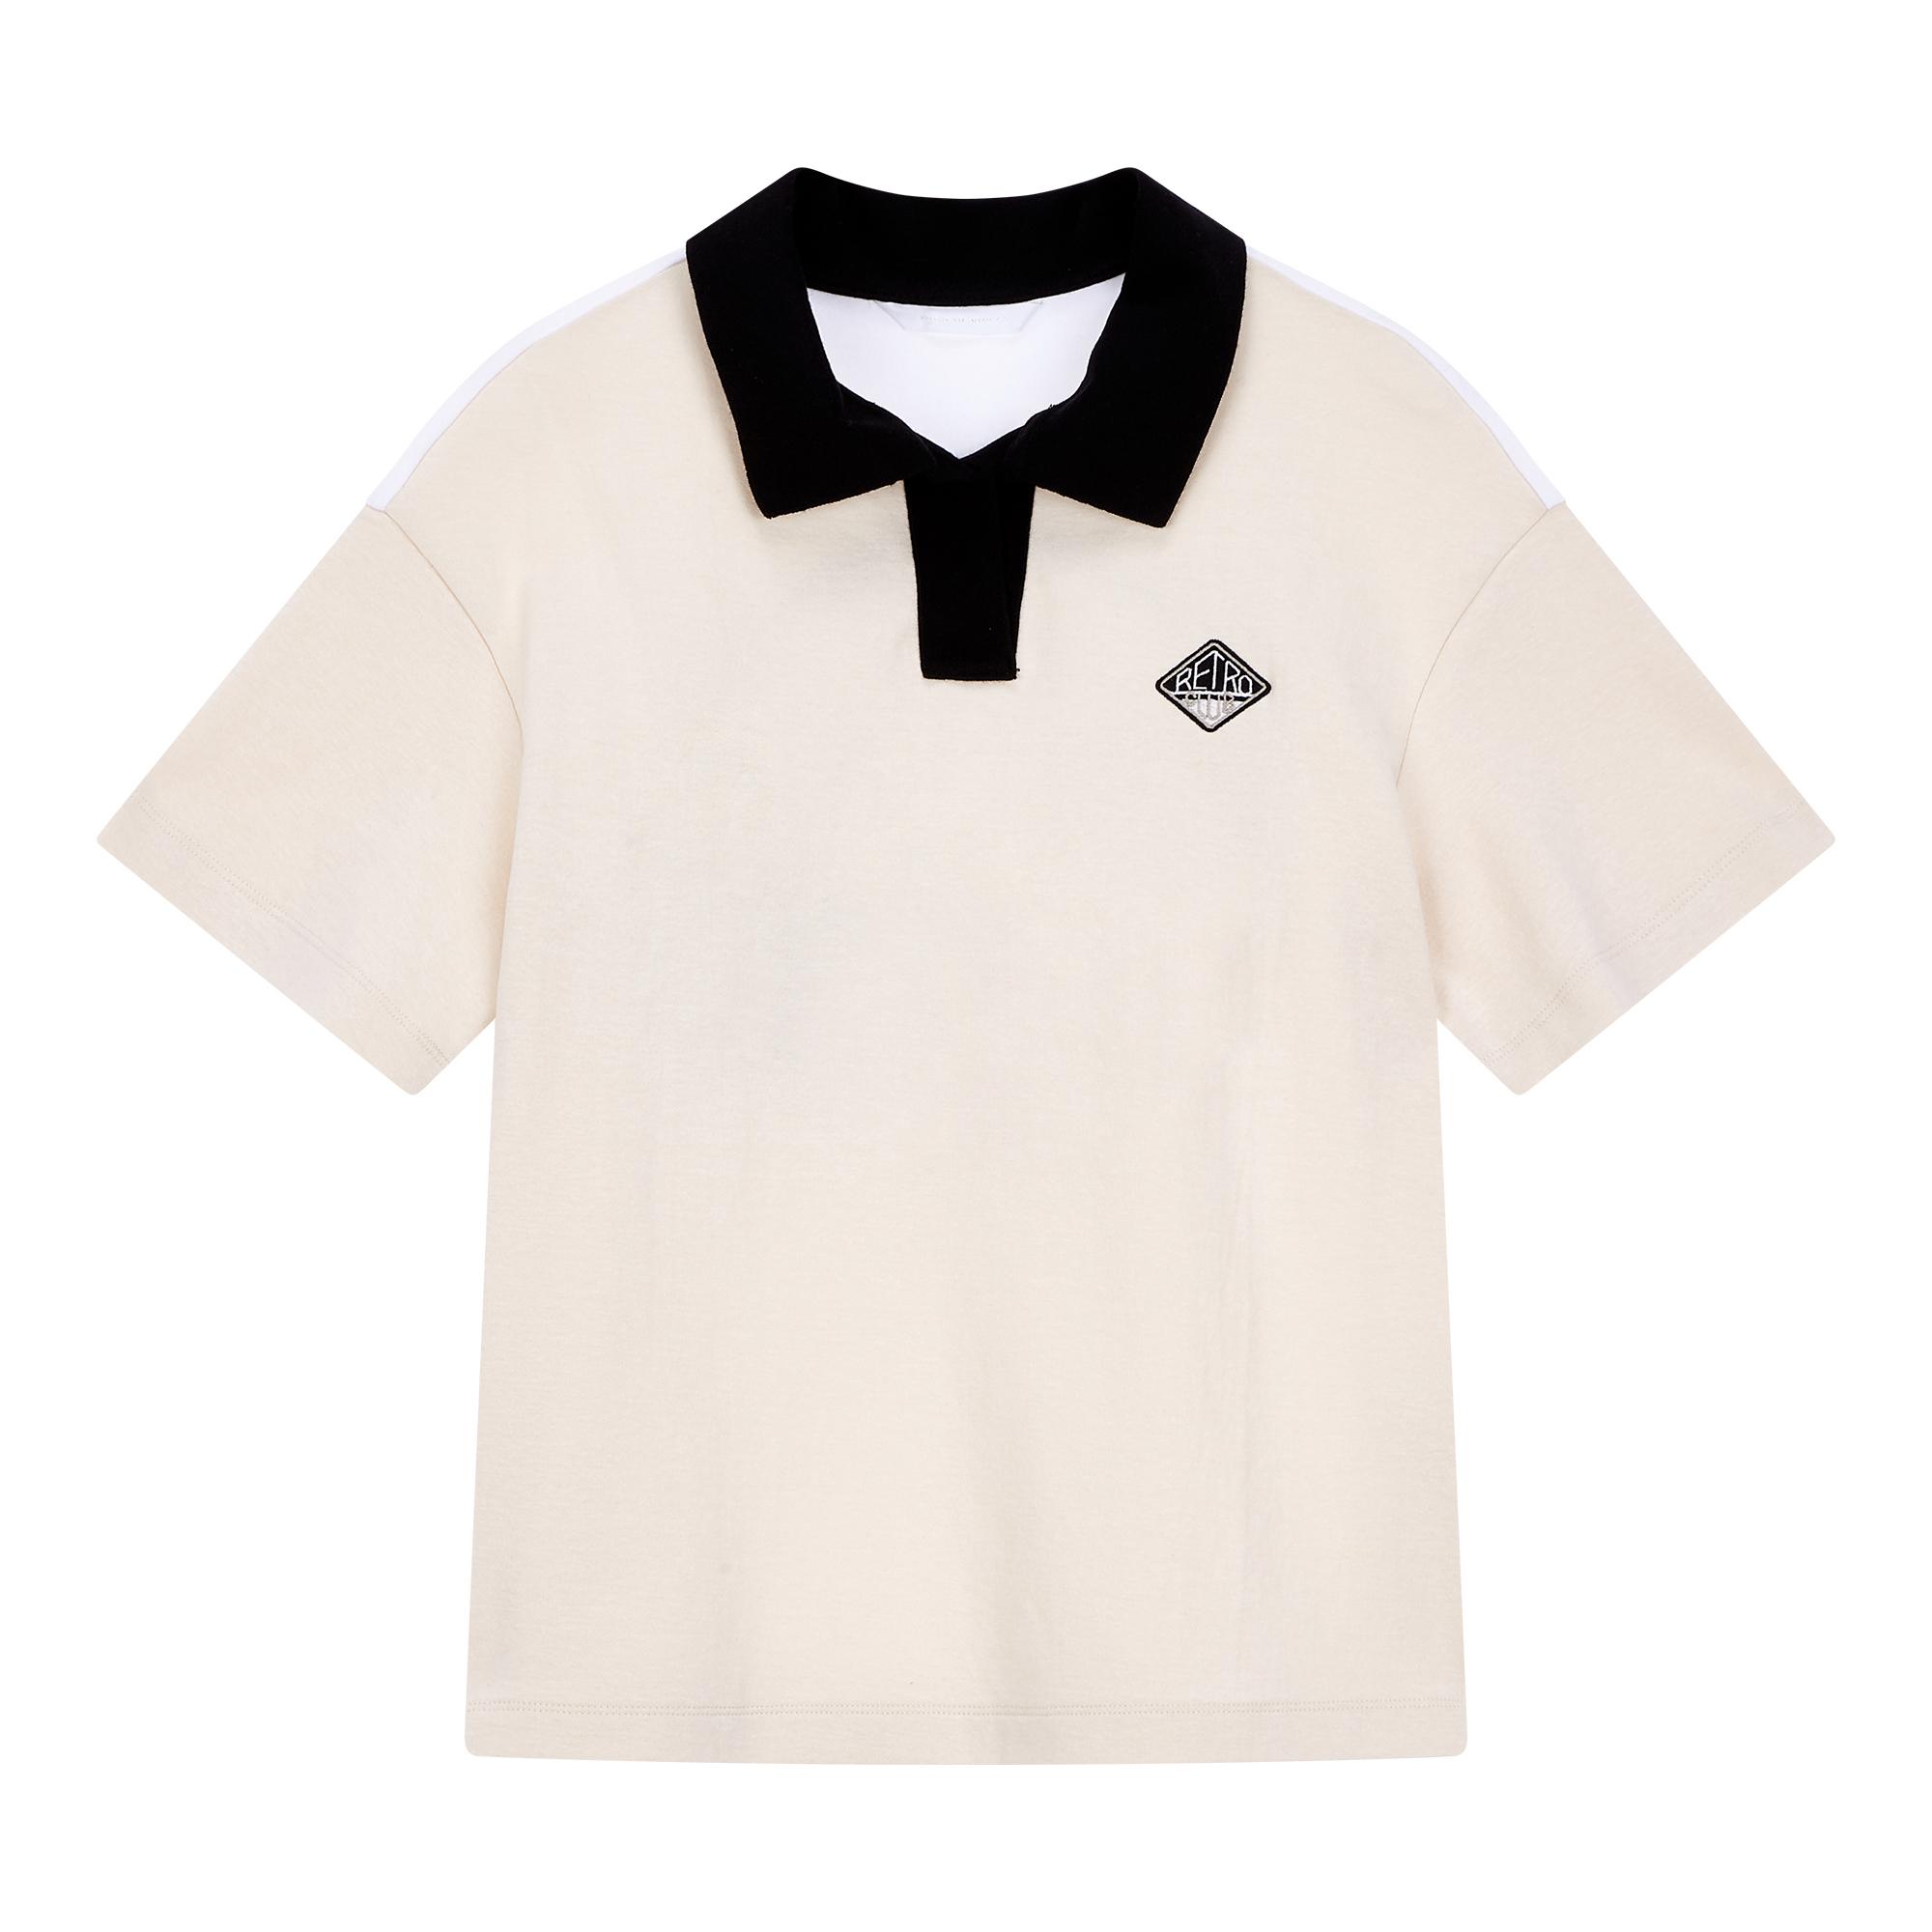 [THE RETRO CLUB] 루시 배색 카라 반팔 티셔츠